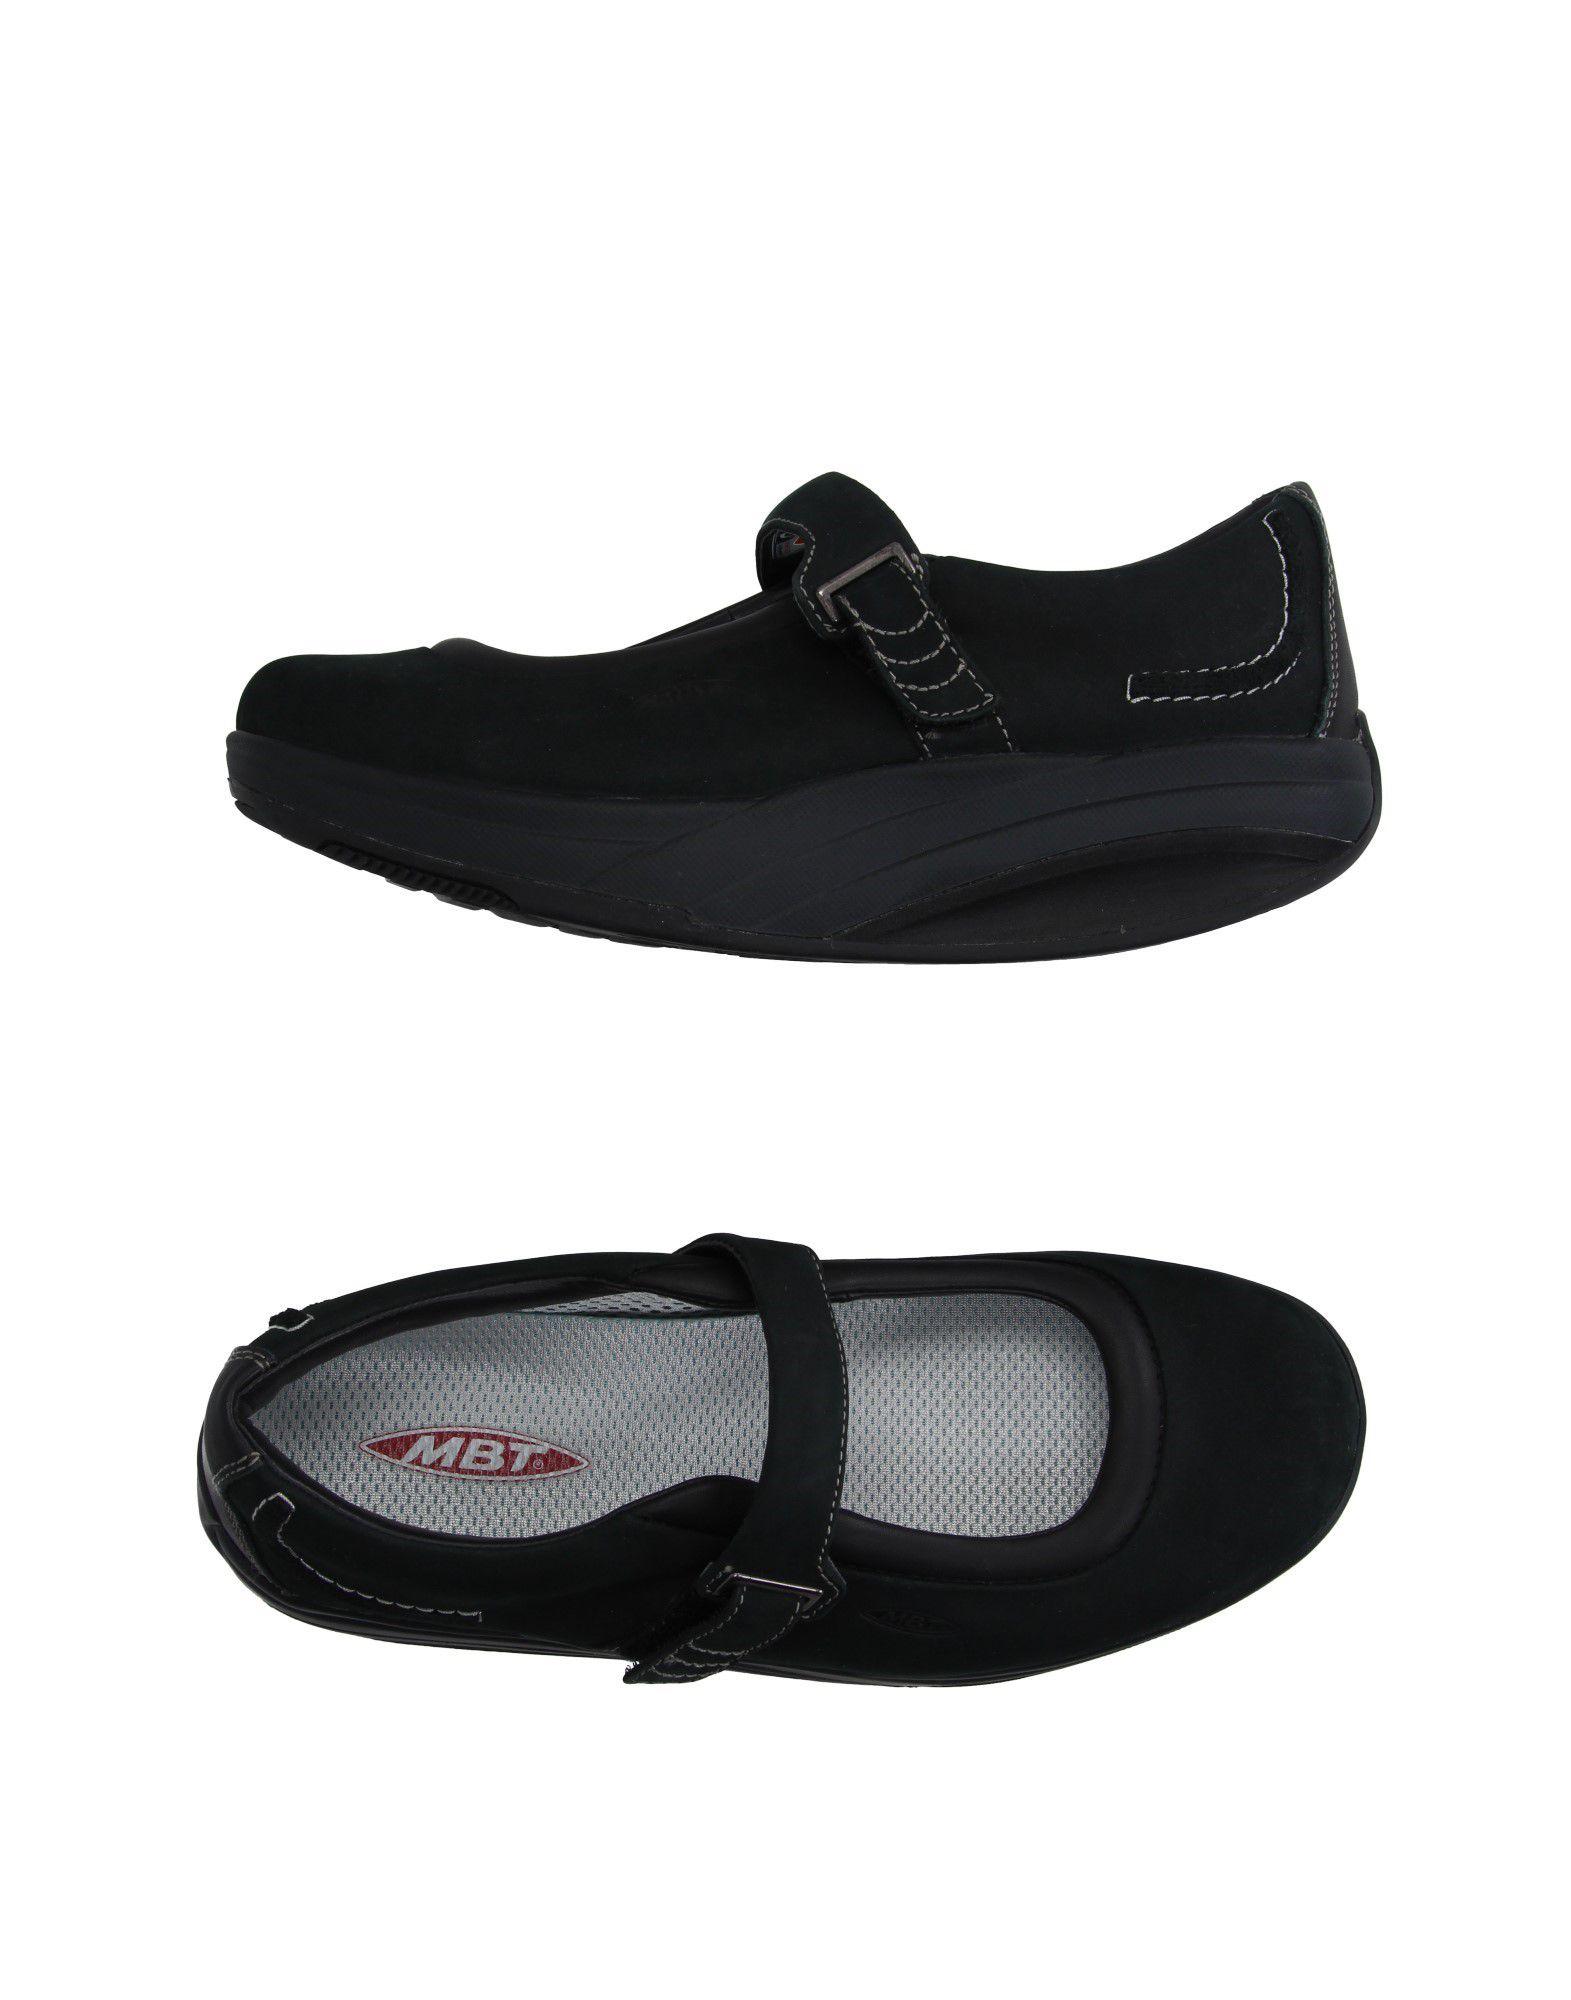 Gut um billige Damen Schuhe zu tragenMbt Sneakers Damen billige  11006239XT 5837f1